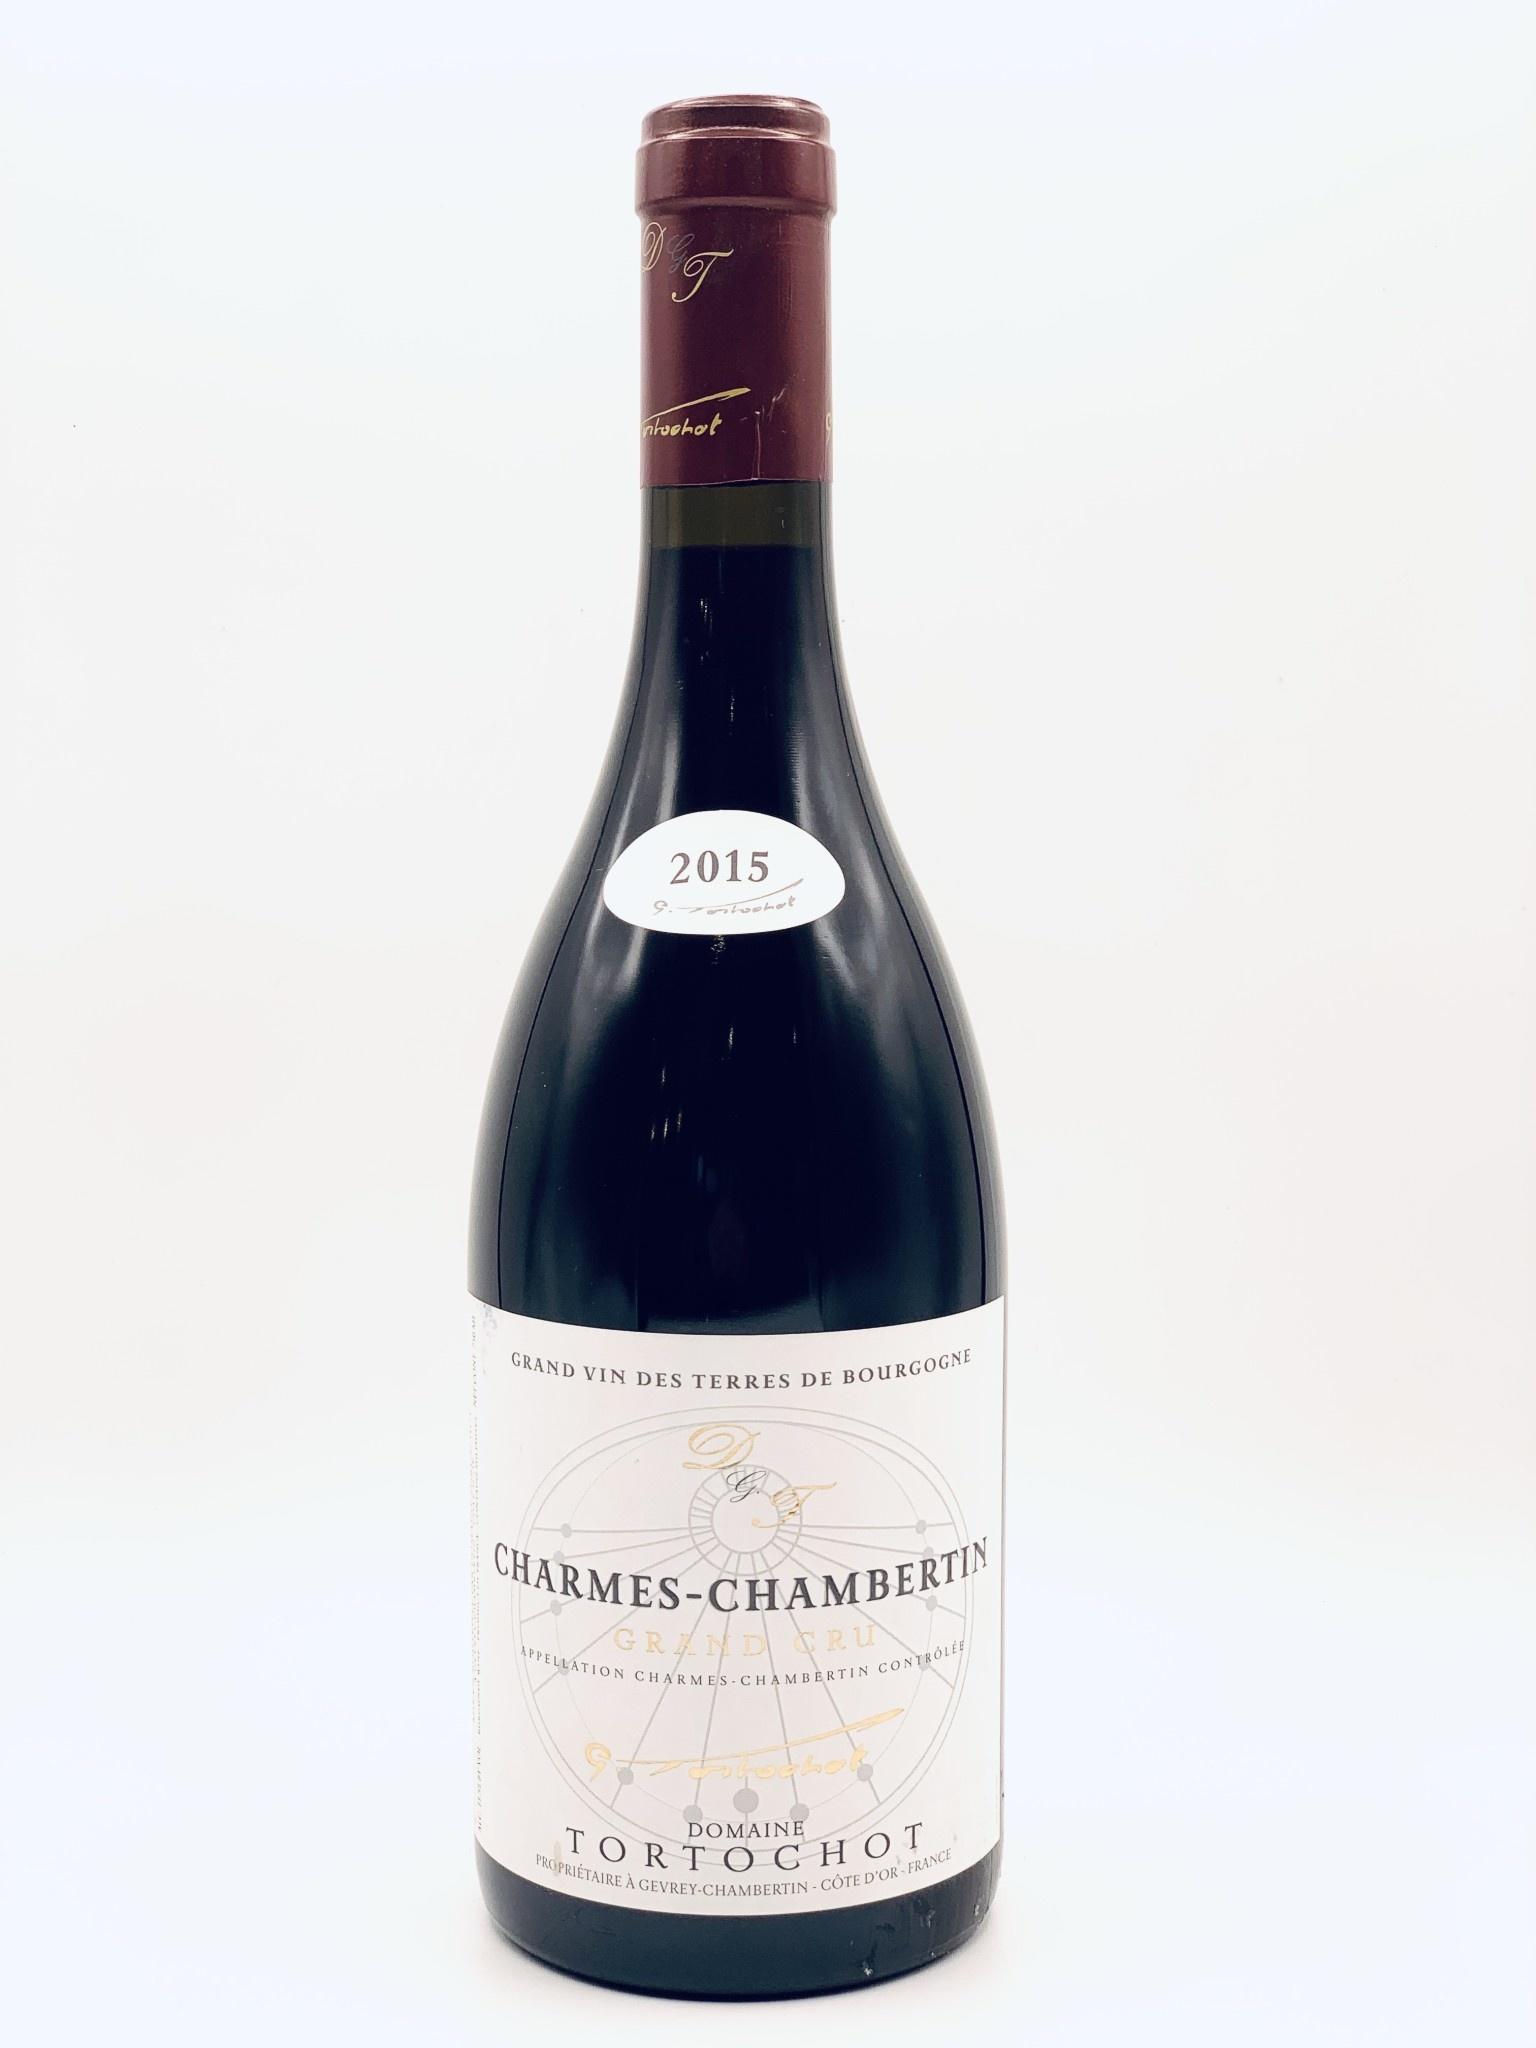 Charmes-Chambertin Grand Cru 2015 Domaine Tortochot